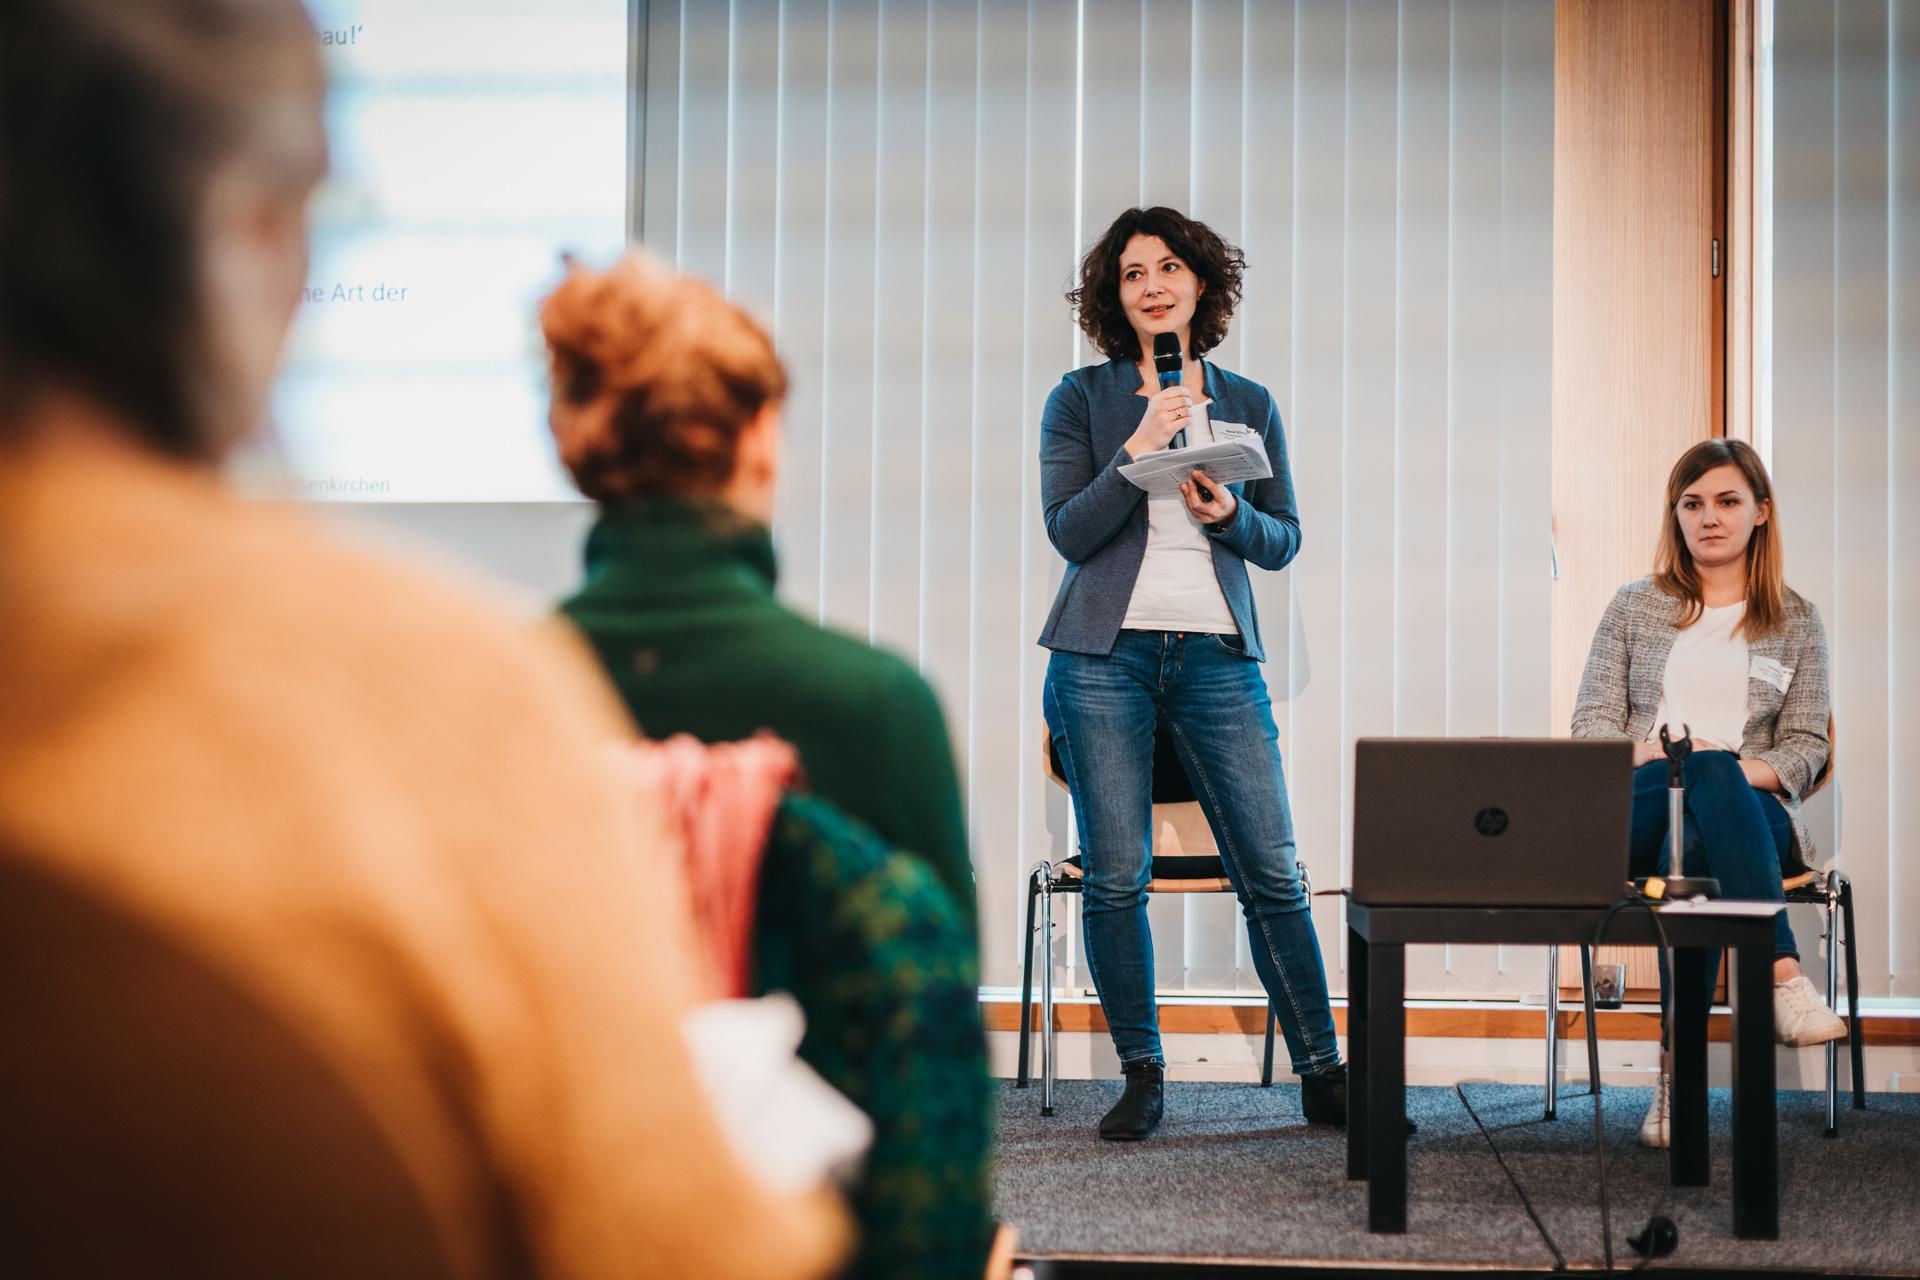 Merle Schmidt und Christina Baum auf einer Bühne. Merle Schmidt steht und spricht in ein Mikrophon, Christina Baum sitzt neben ihr. Im Vordergrund sind Personen aus dem Publikum von hinten zu sehen.